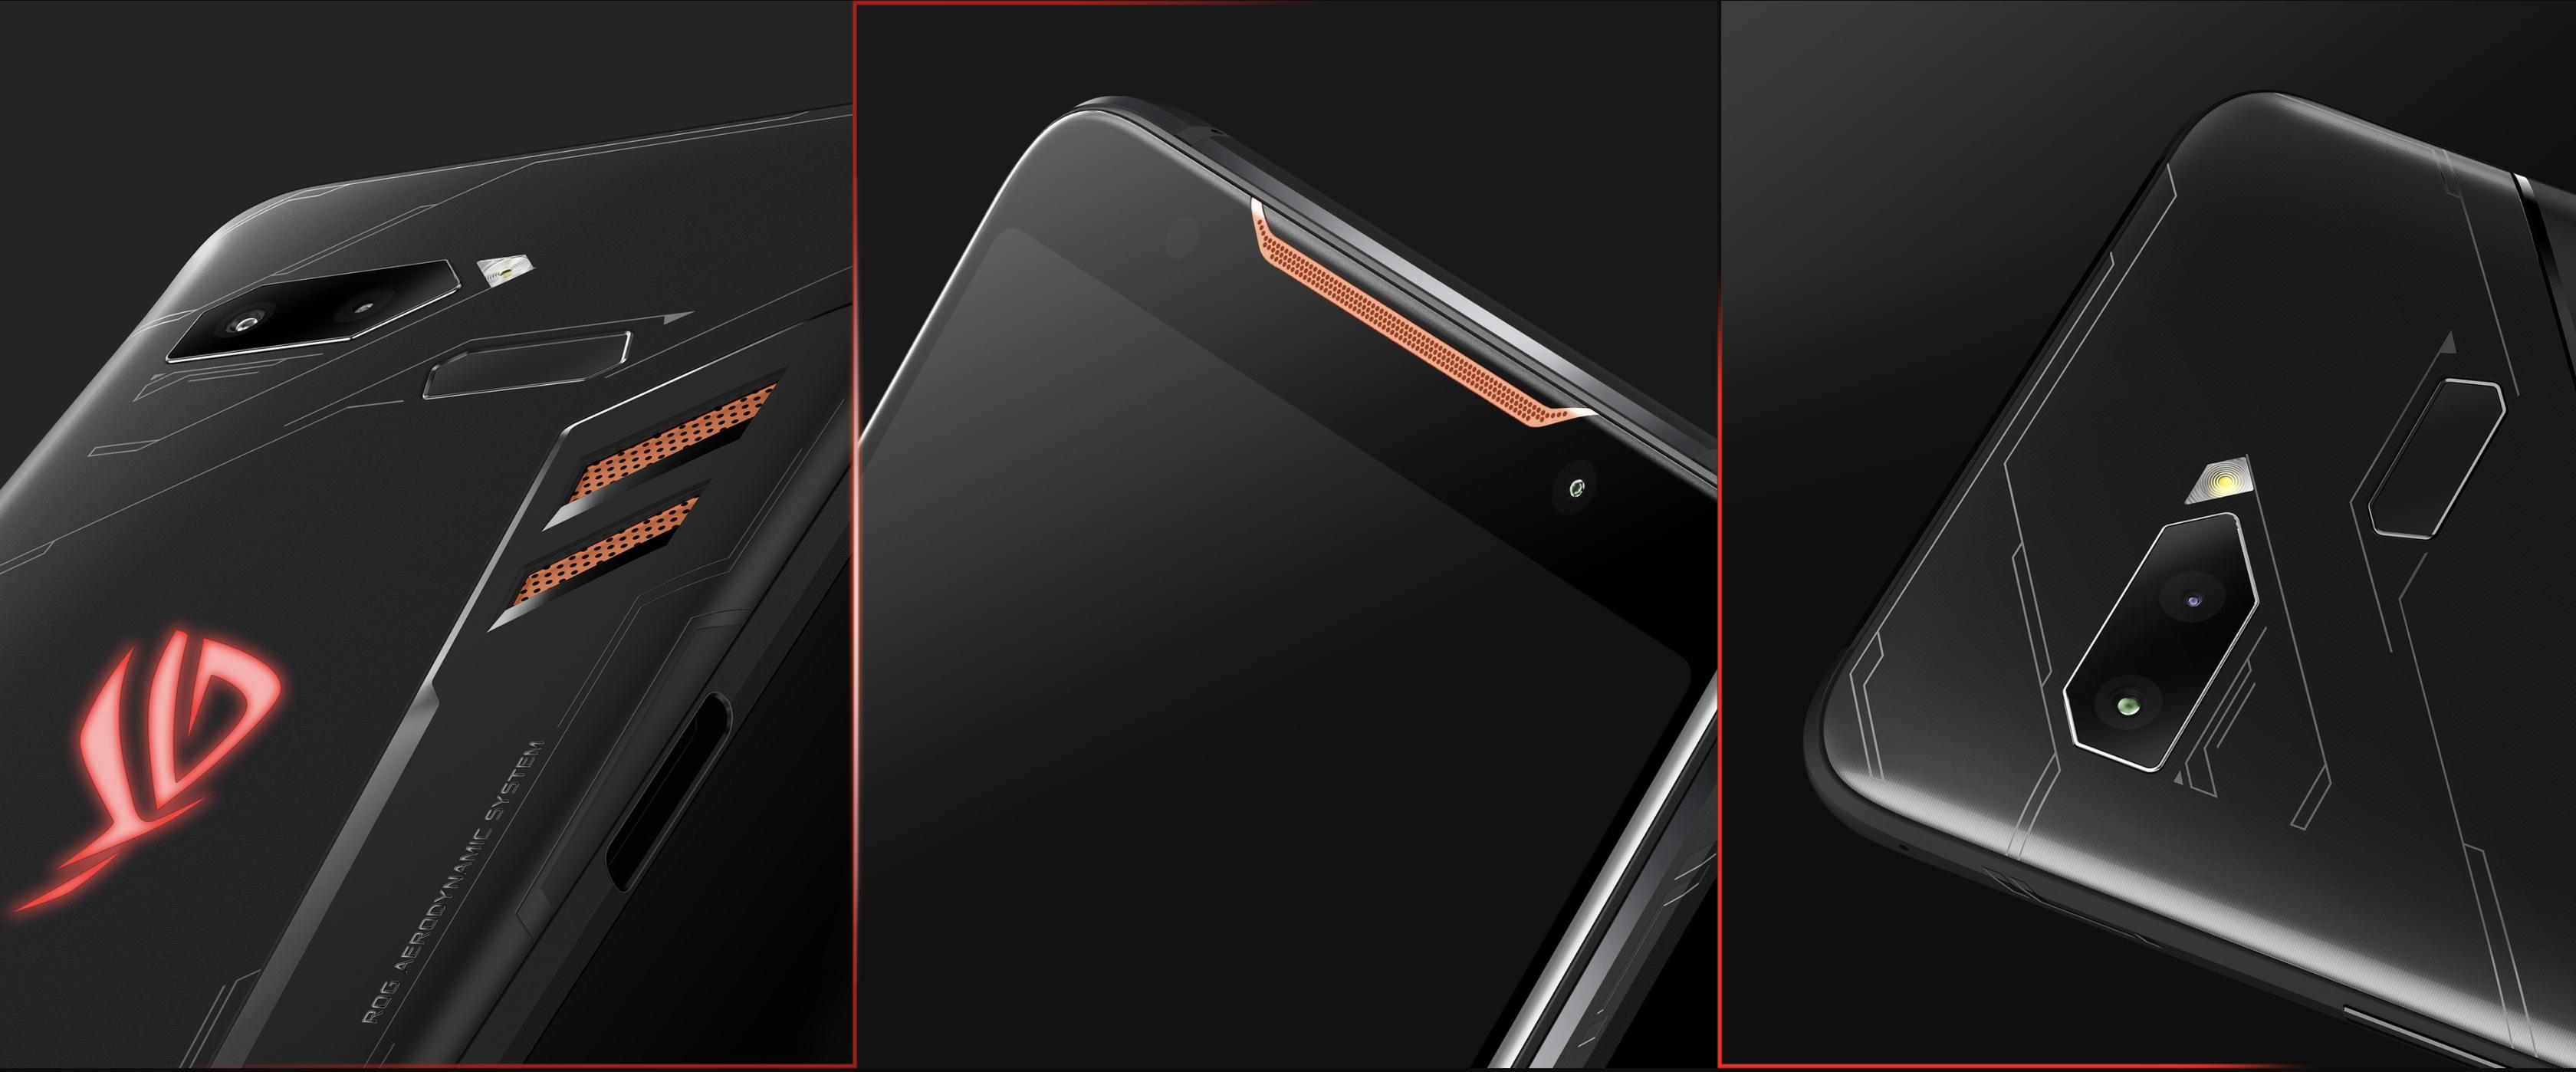 ROG Phoneのデザイン